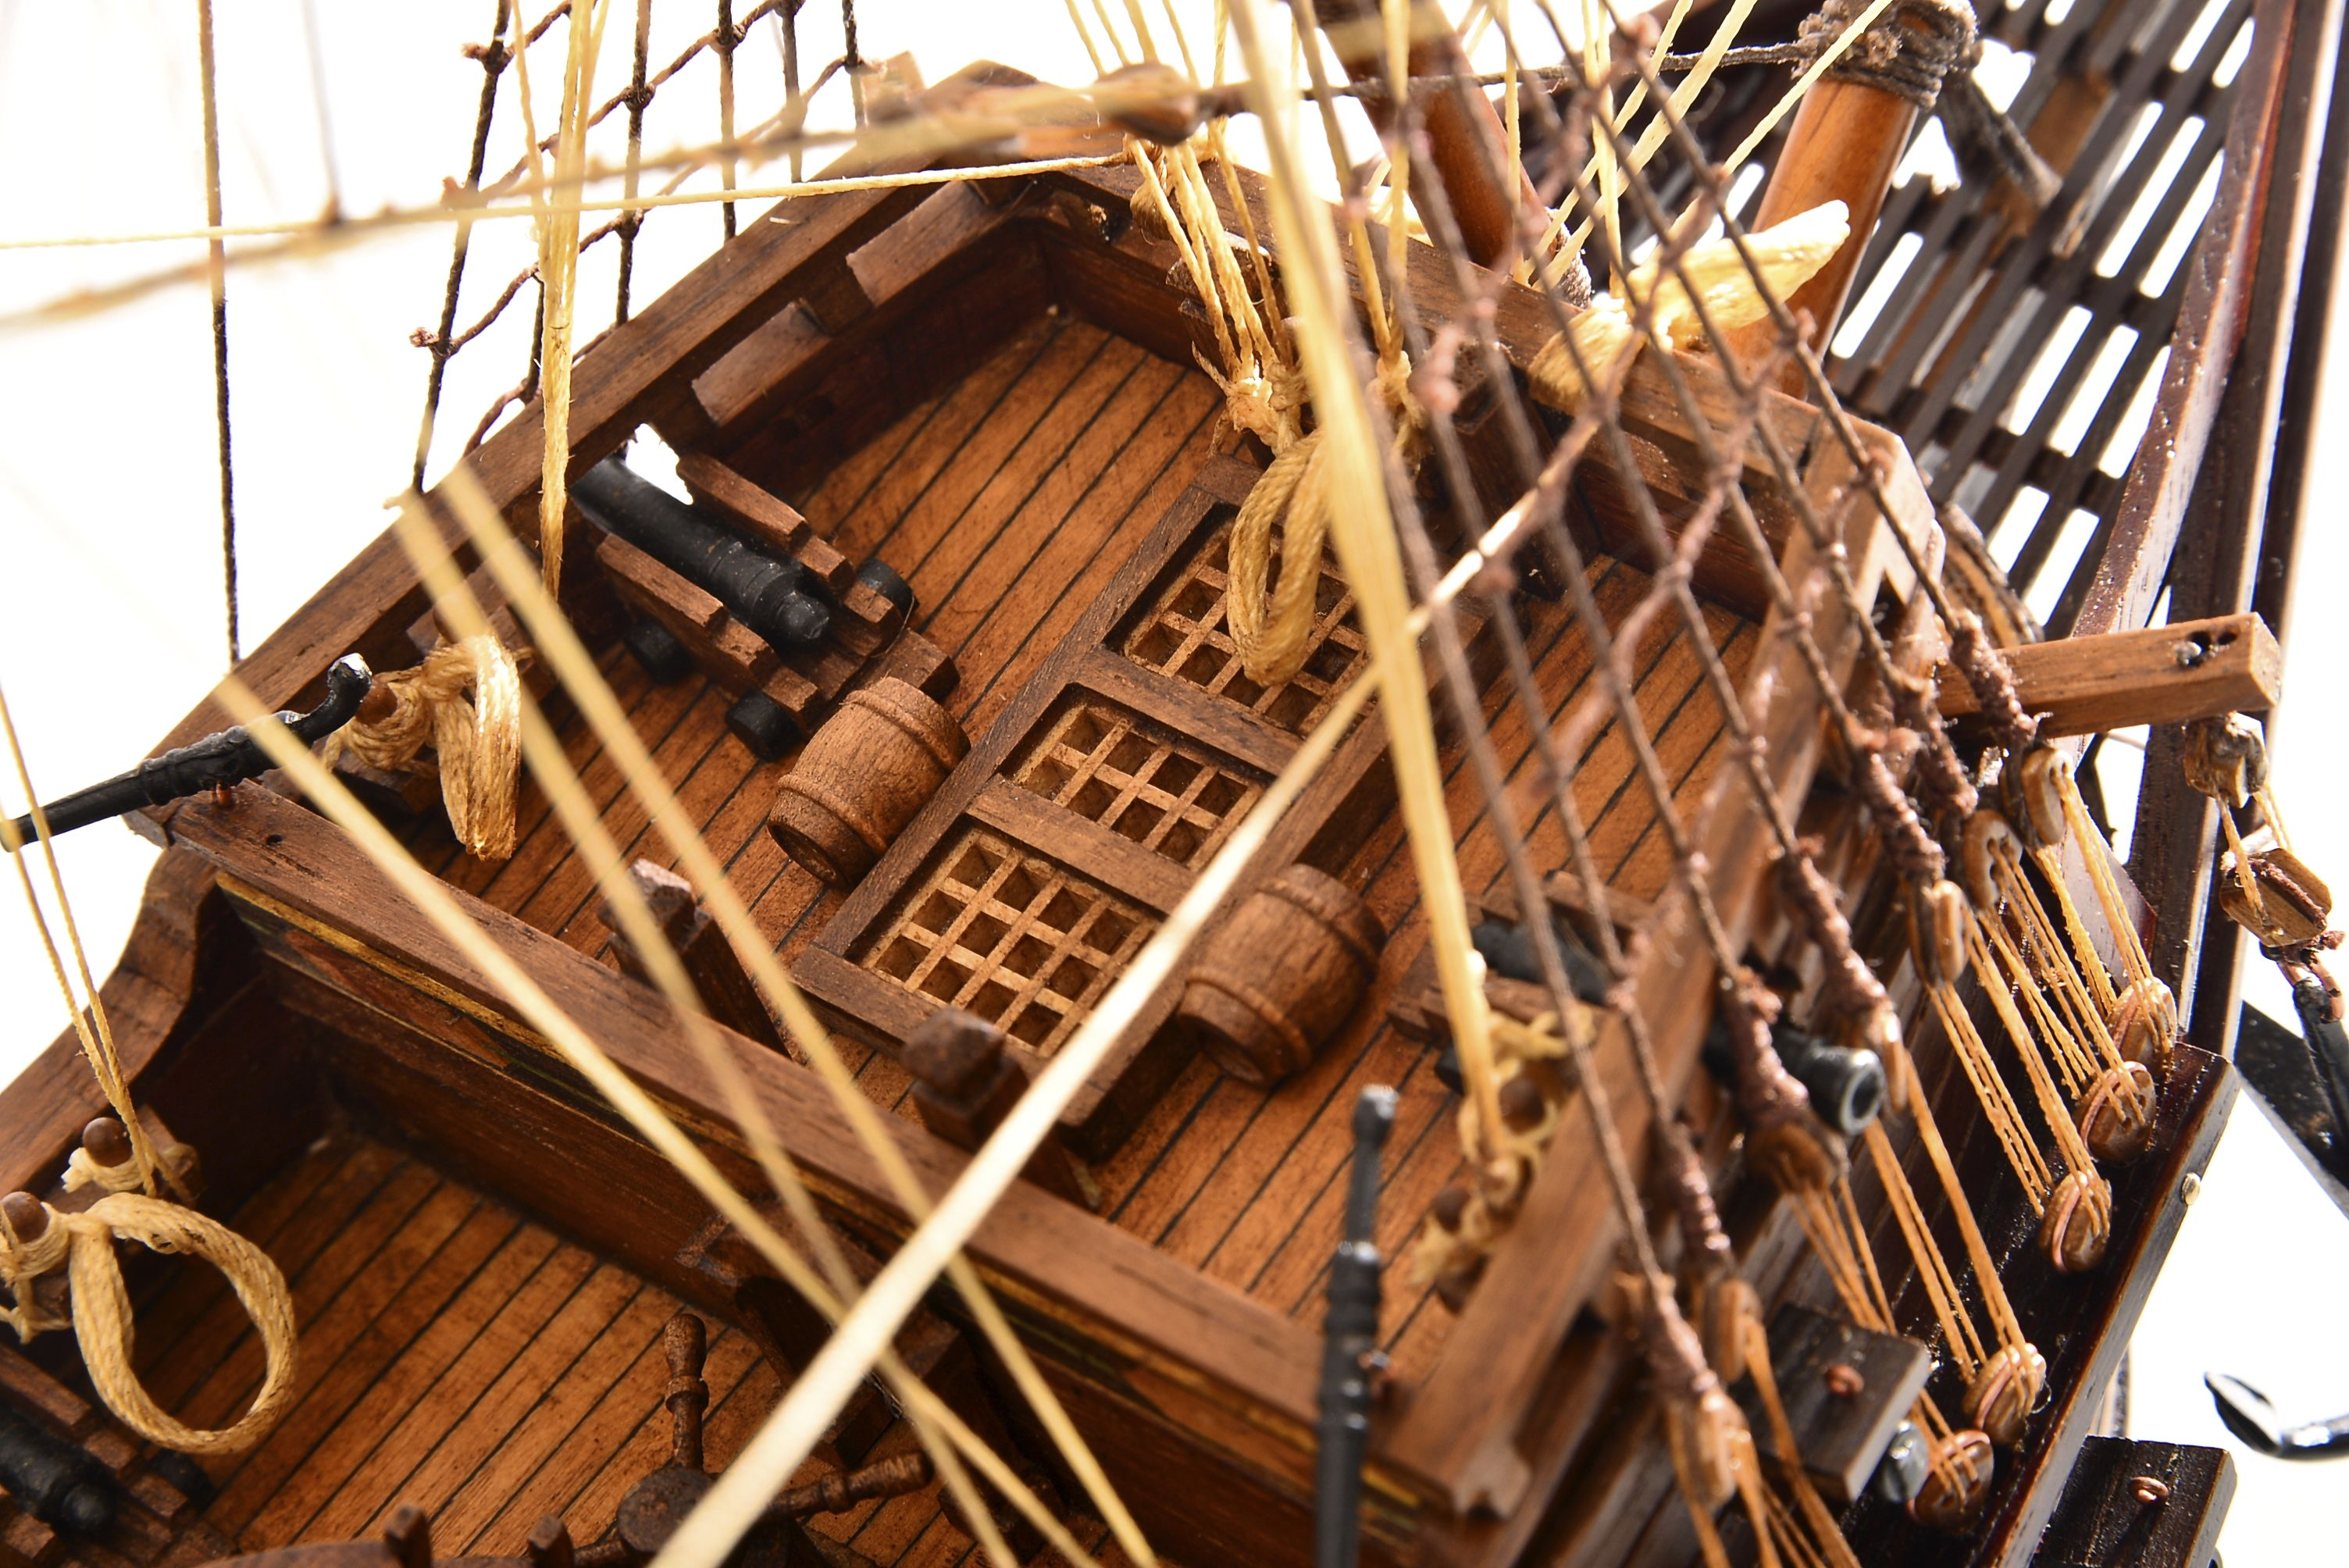 1803-10785-Hms-Revenge-Model-Ship